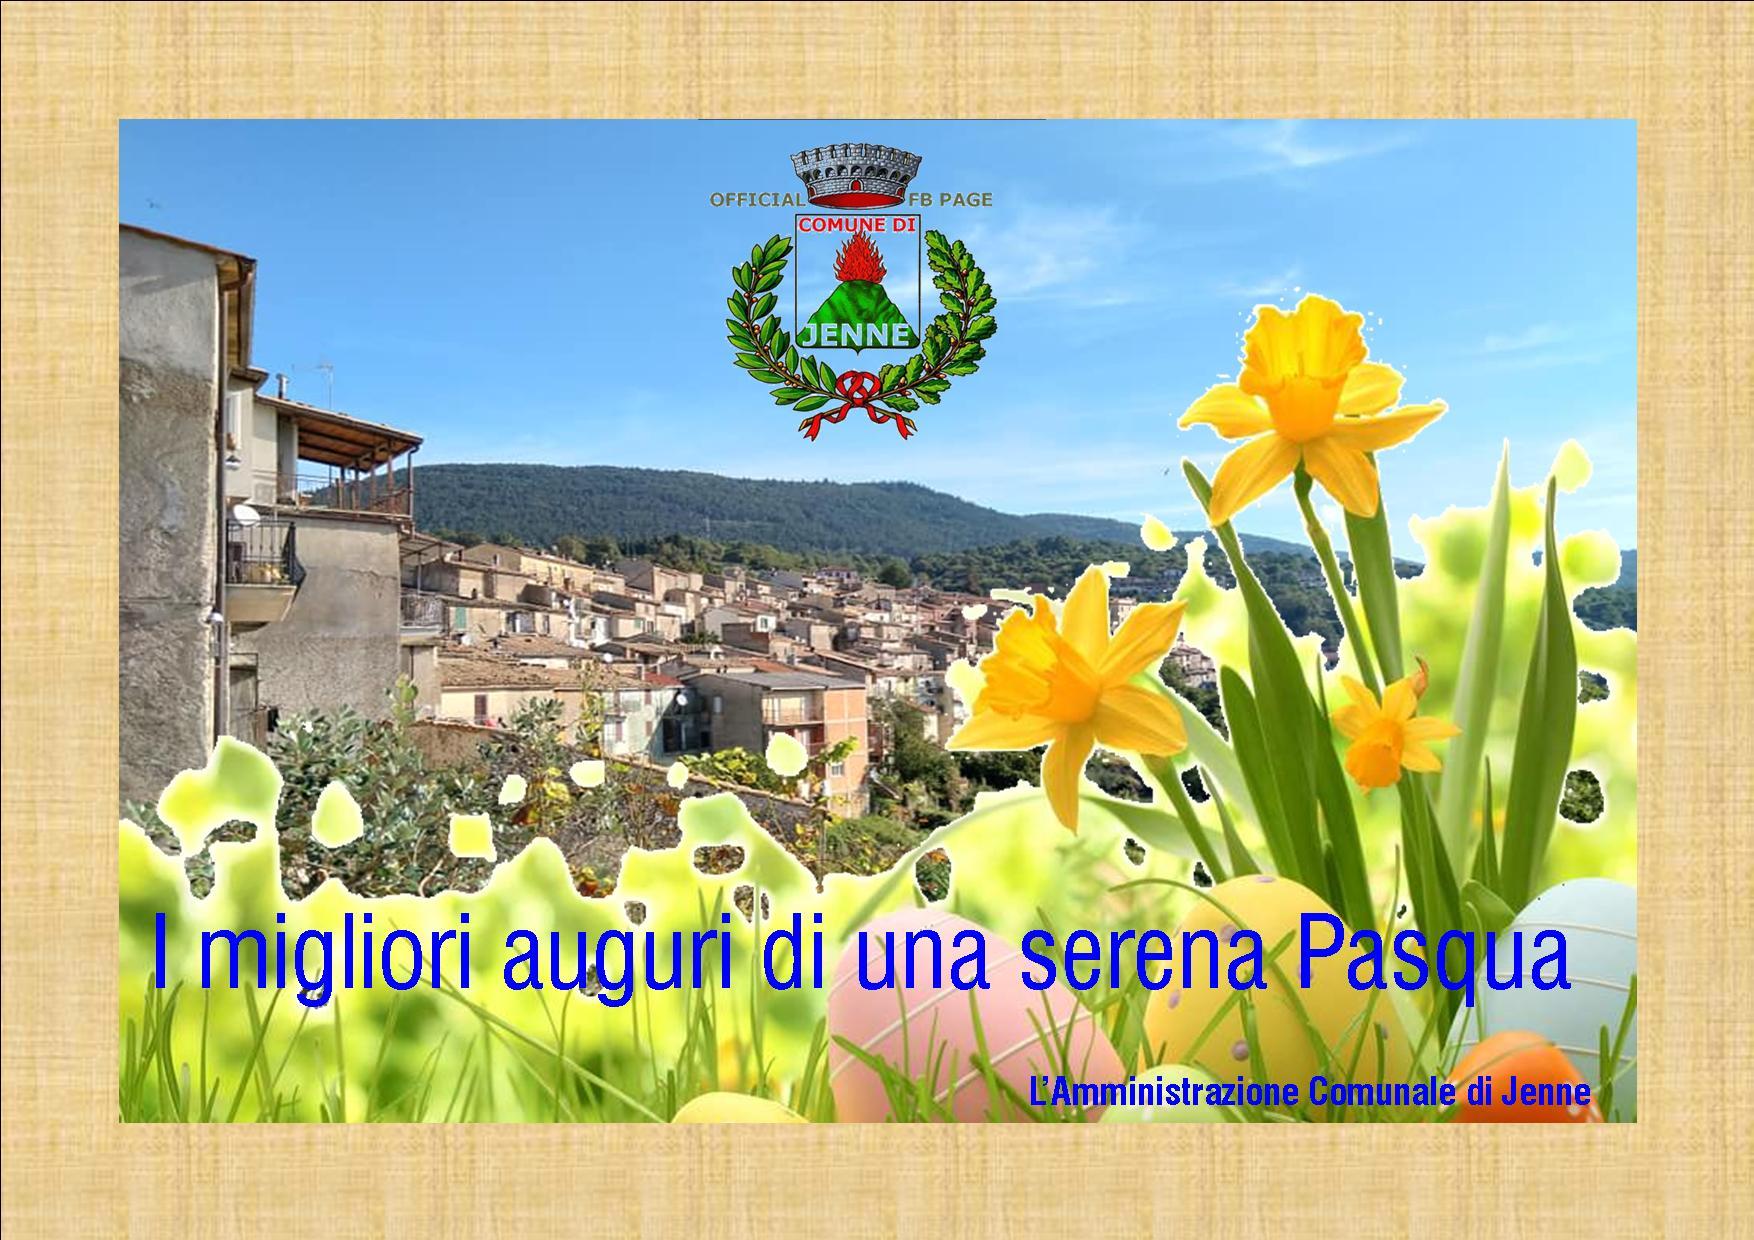 In arrivo la Santa Pasqua 2019, l'augurio di pace e solidarietà dell'amministrazione comunale